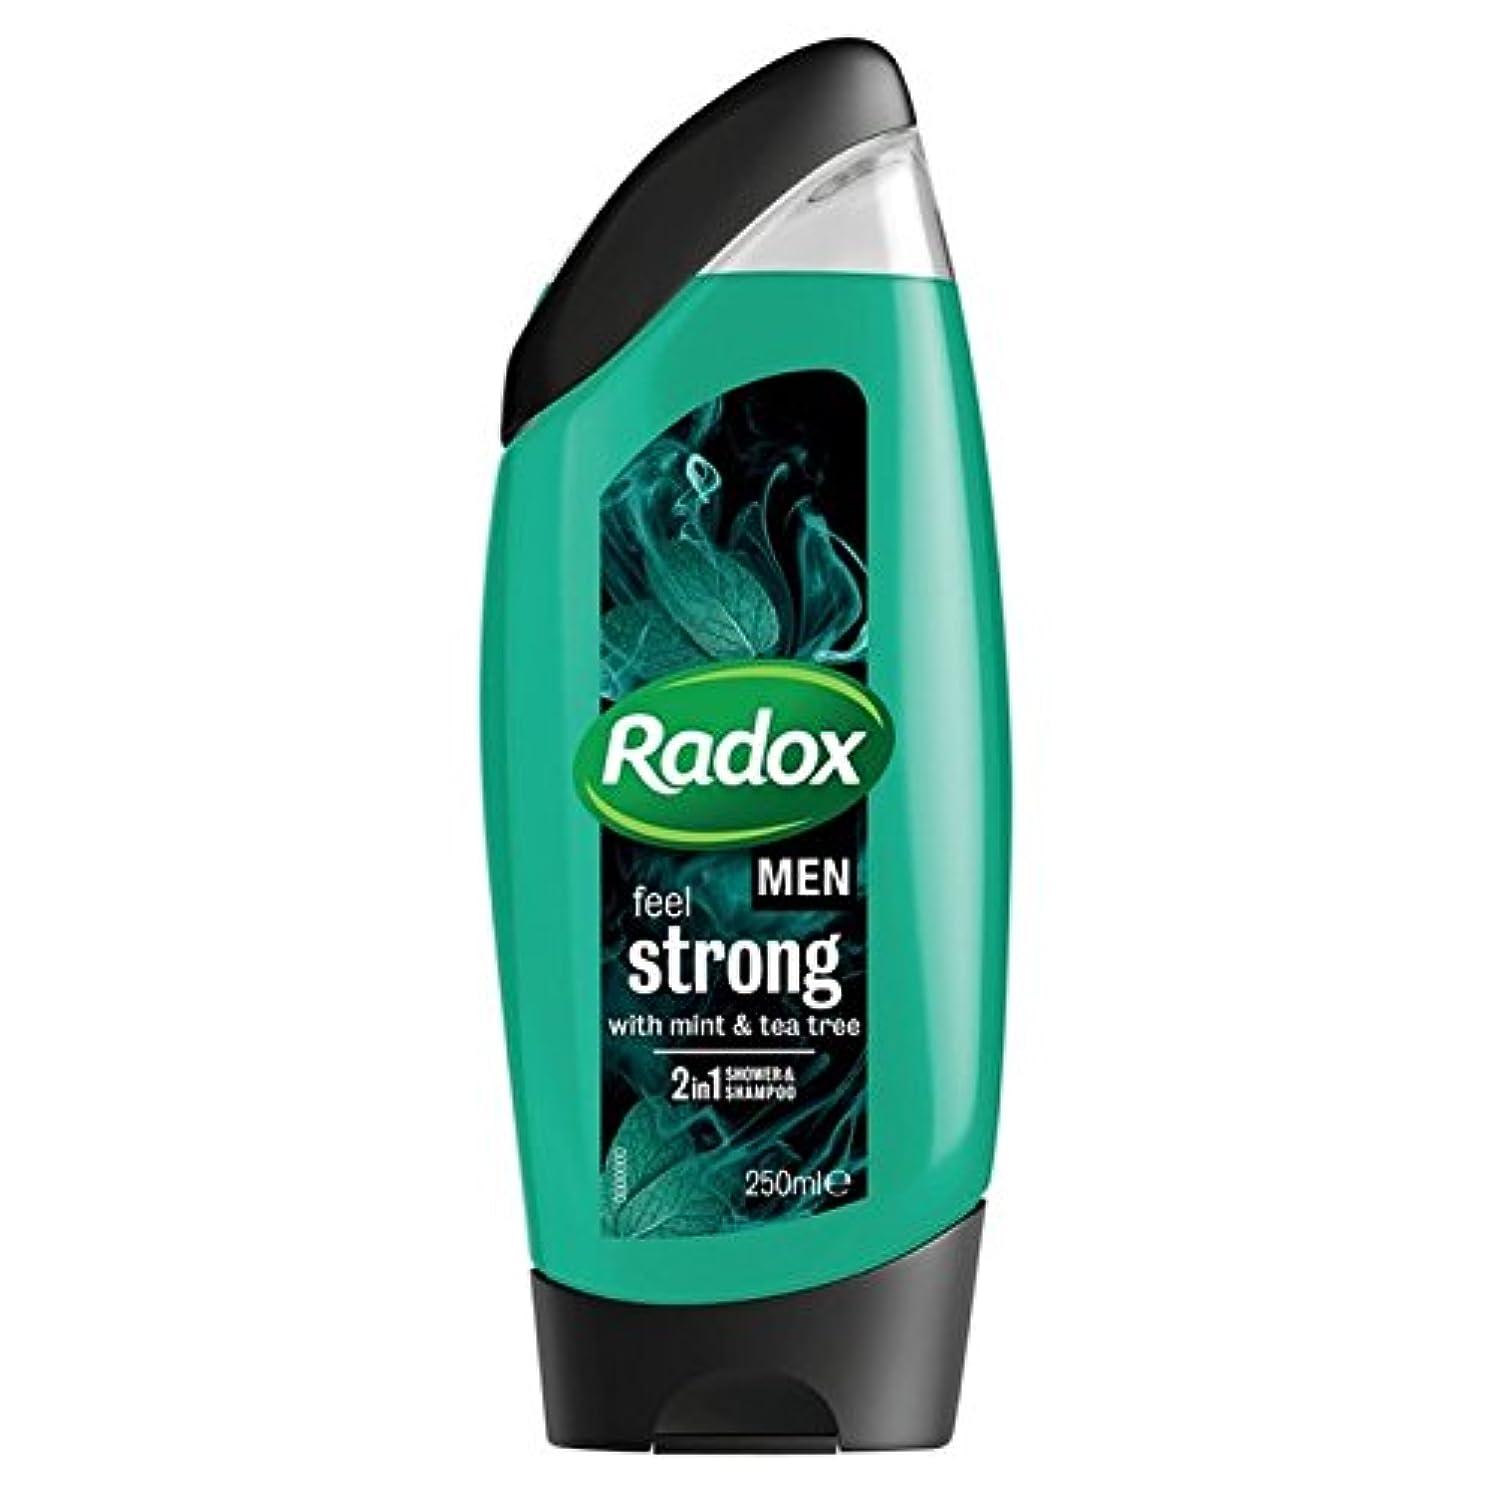 カポック渦みなさんRadox Men Feel Strong Mint & Tea Tree 2in1 Shower Gel 250ml - 男性は、強力なミント&ティーツリーの21のシャワージェル250ミリリットルを感じます [並行輸入品]